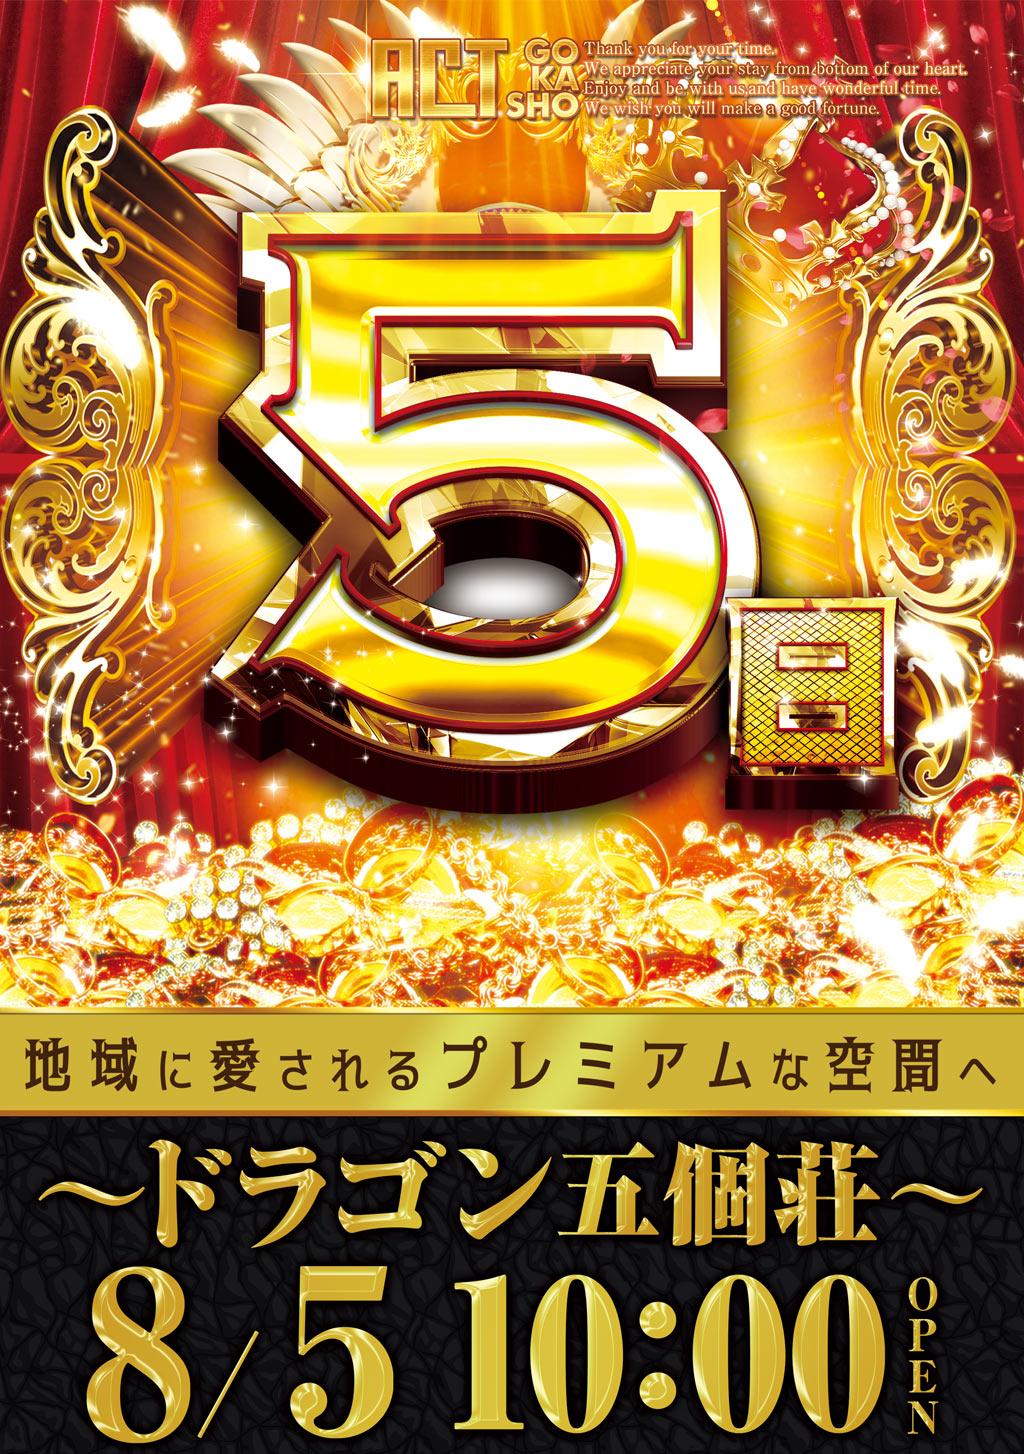 10月23,24日連日10時開店!24日は屋台登場!